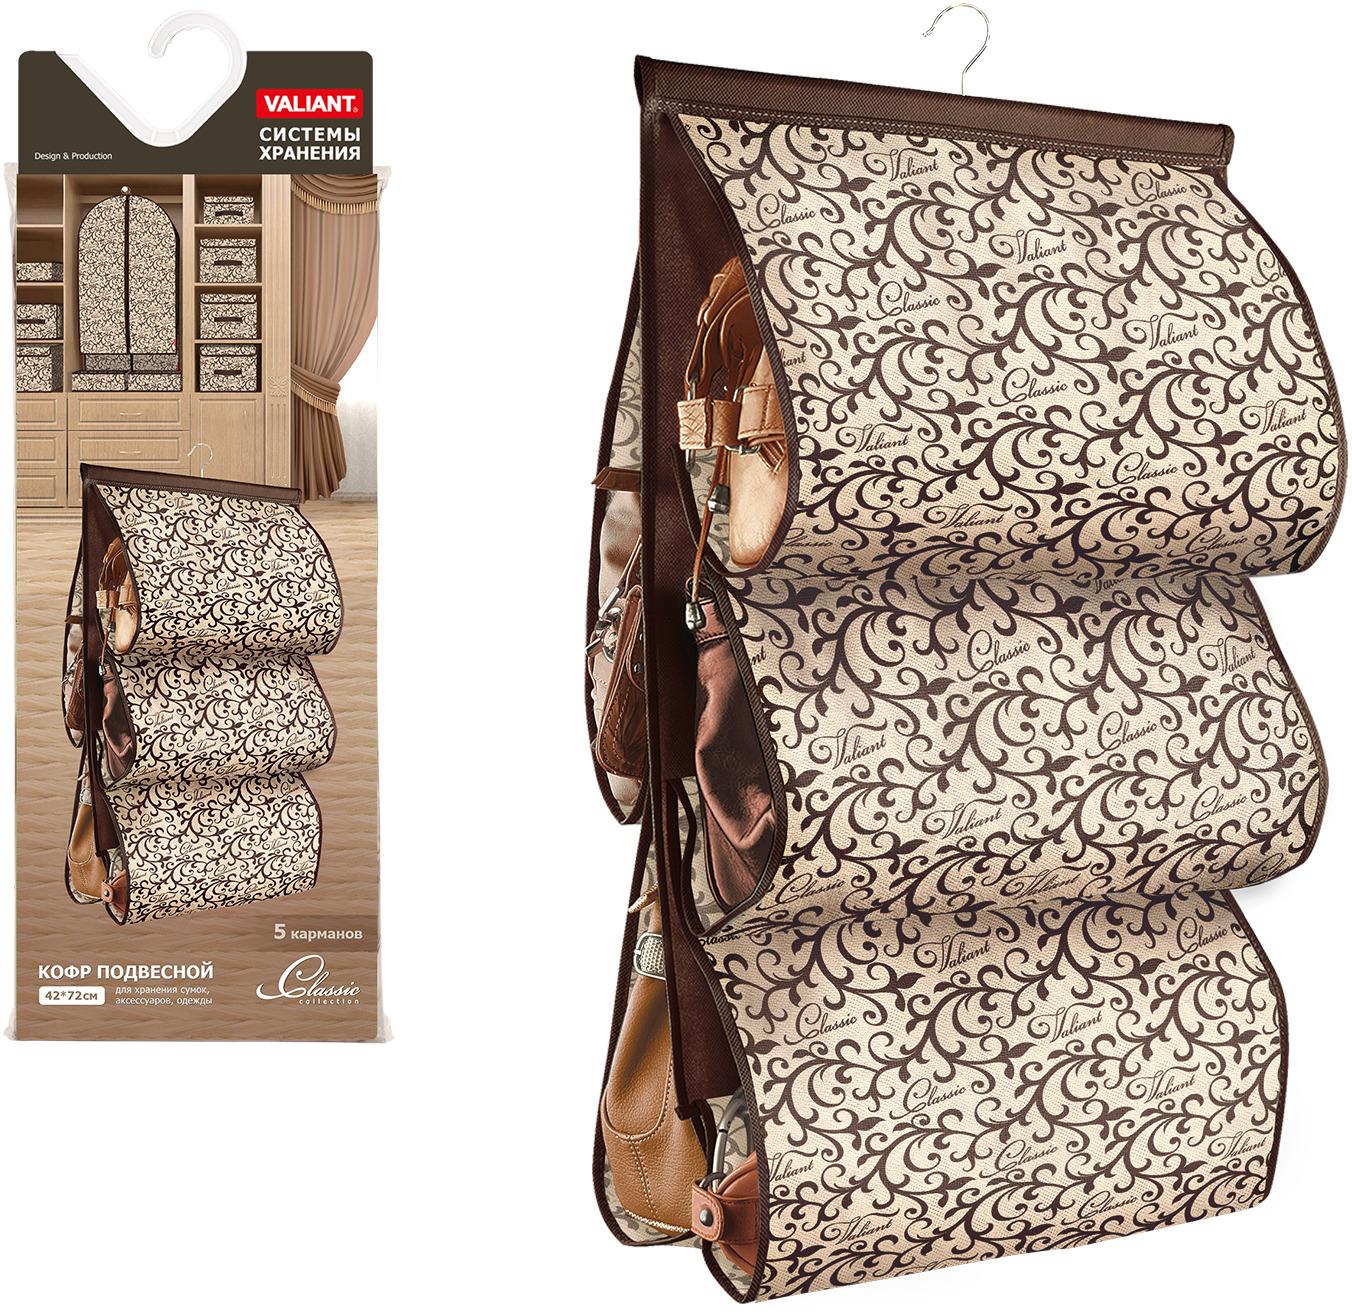 Кофр подвесной для хранения сумок, аксессуаров, одежды Valiant Classic, цвет: коричневый, 42 х 72 см. CL-P5 набор сумок для хранения 2 шт